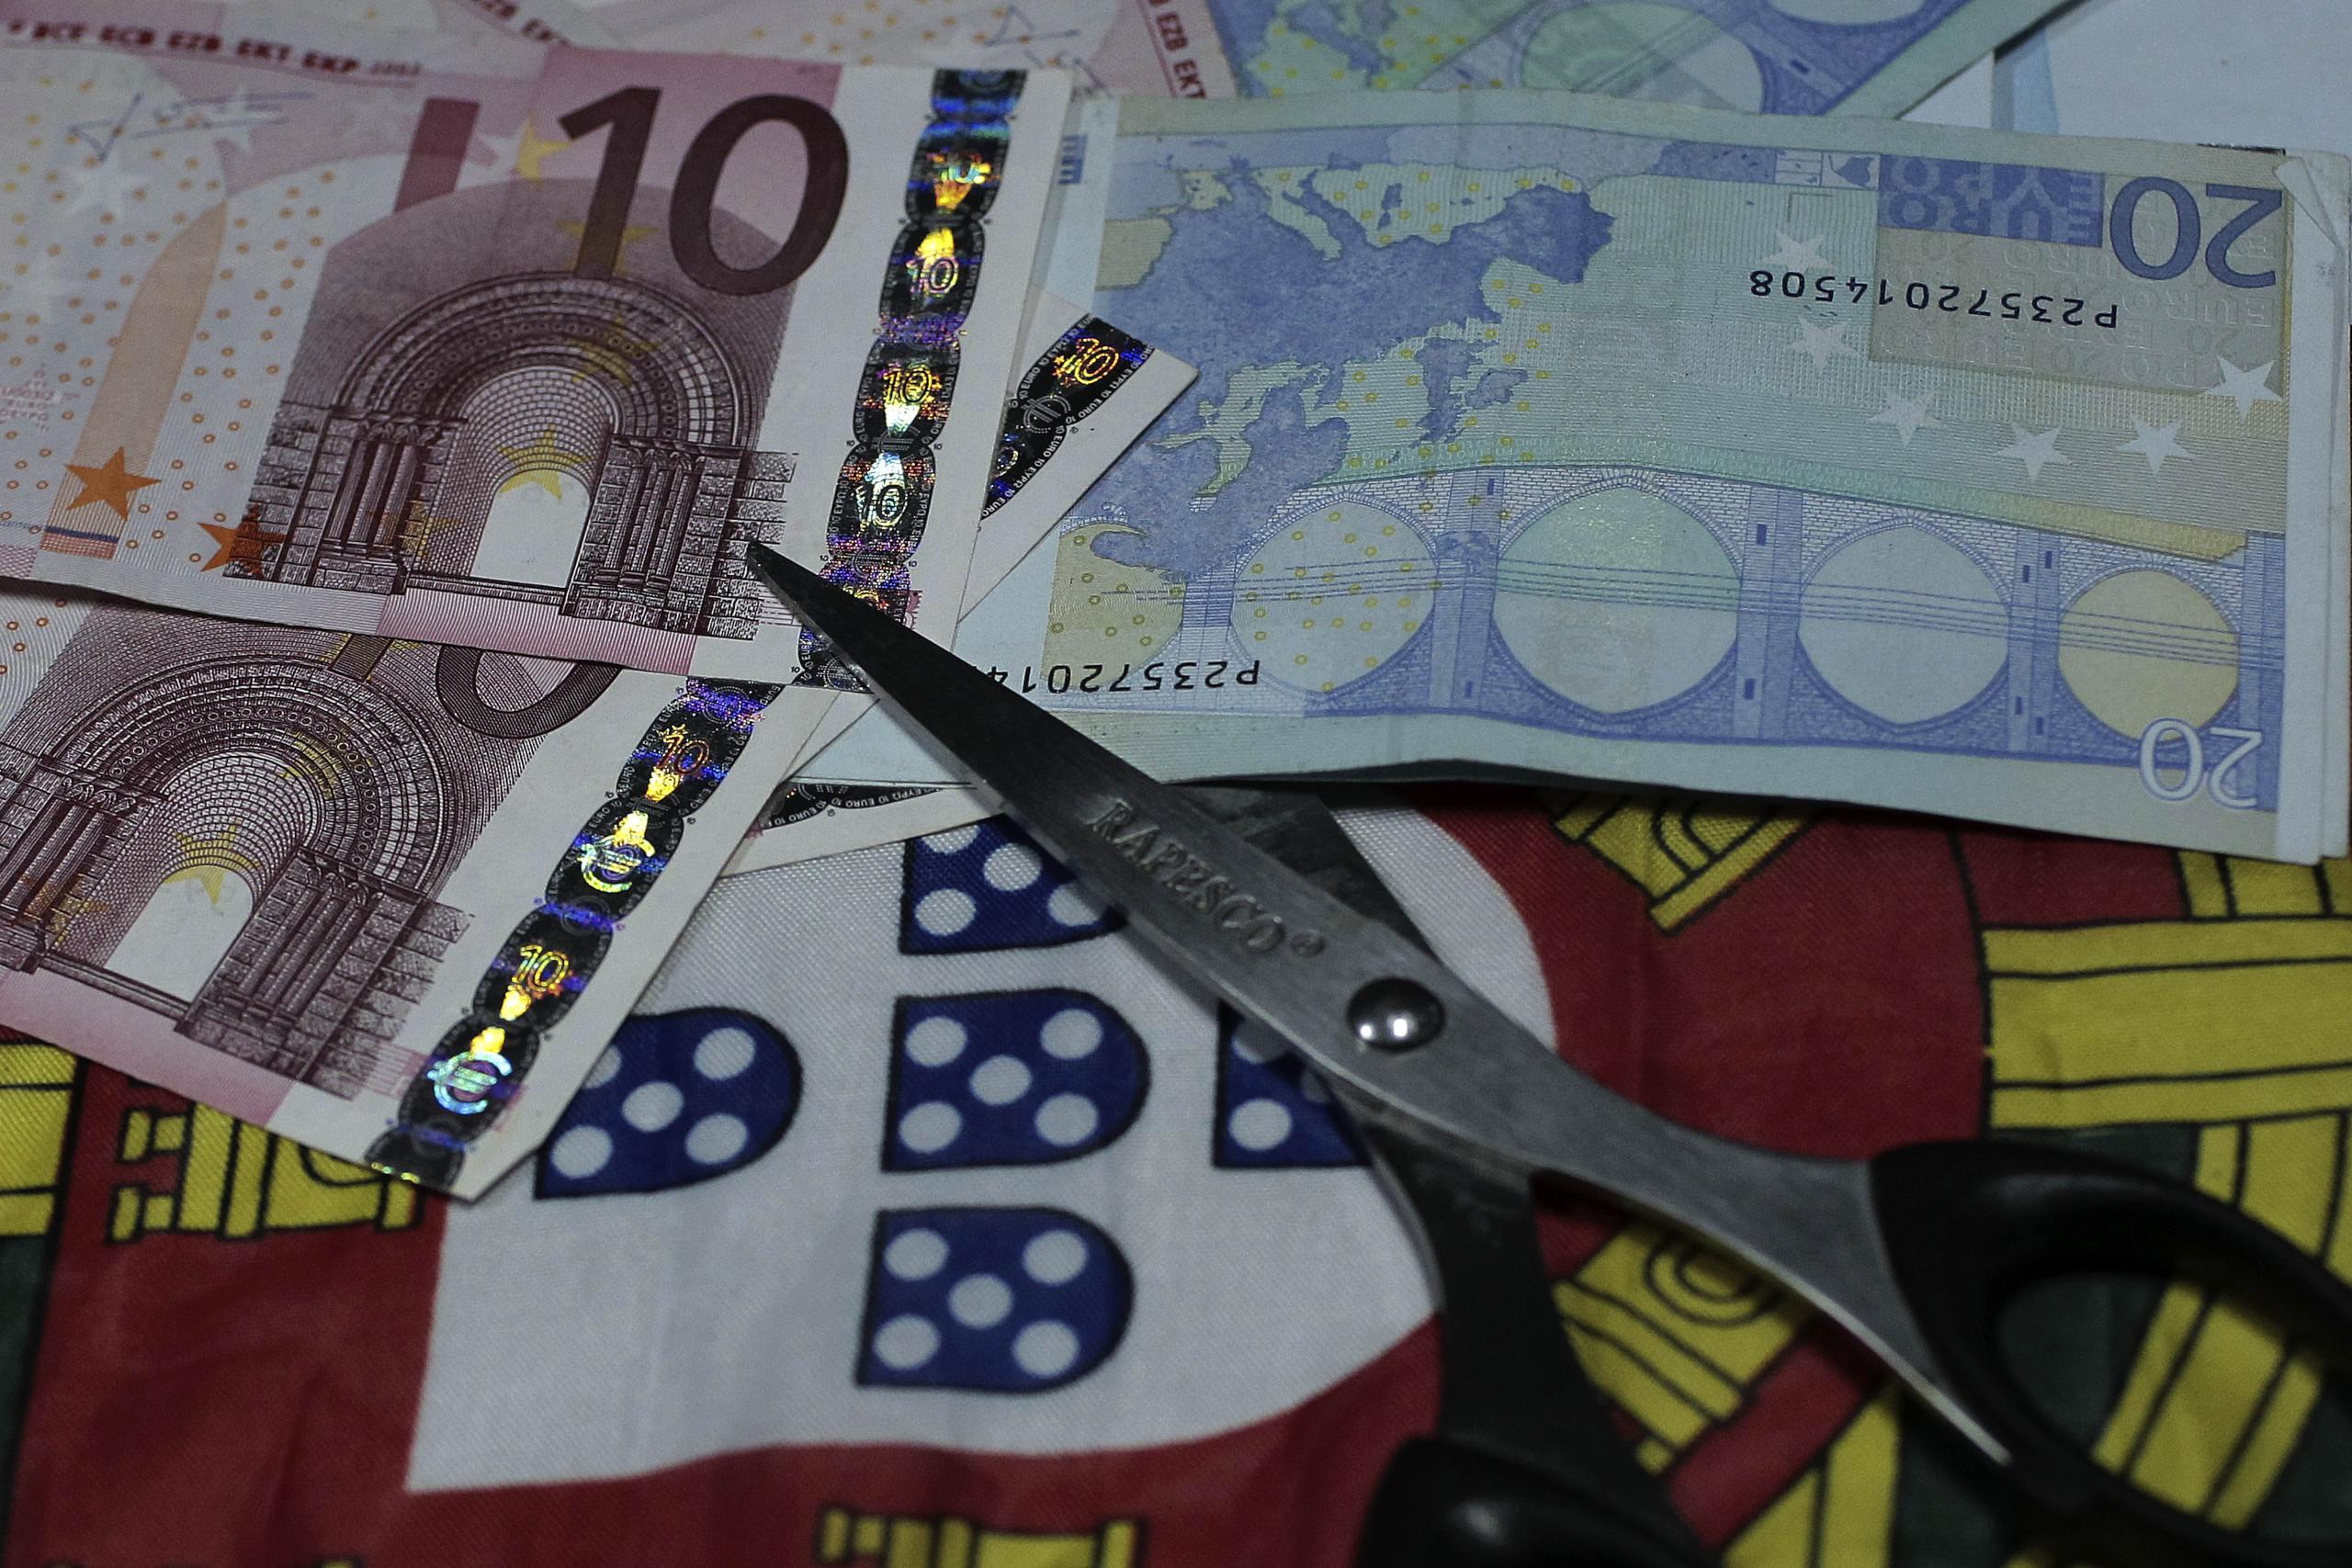 Conselho critica processo de saída de Portugal do défice excessivo